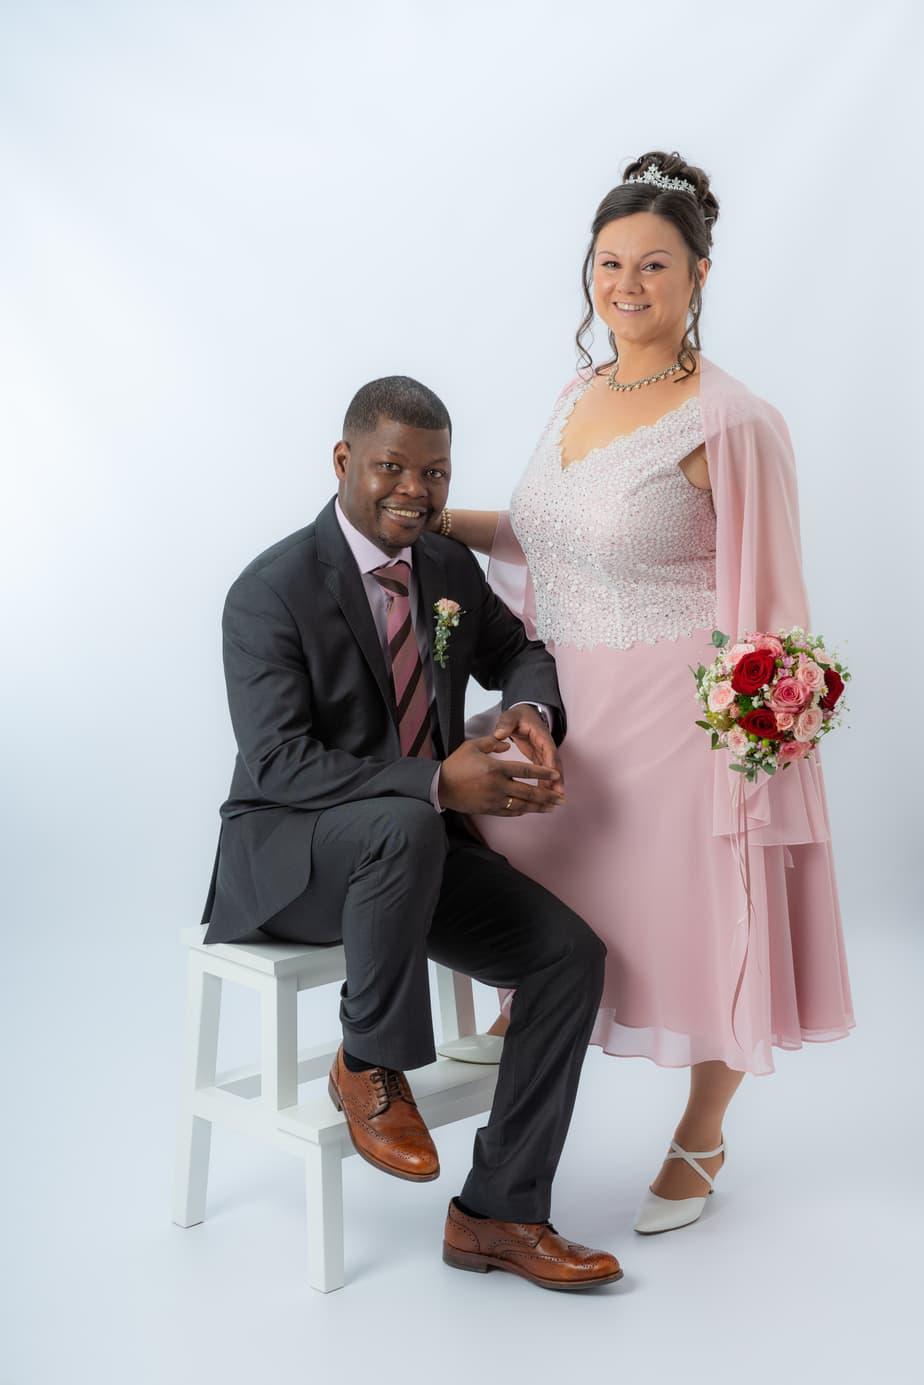 Hochzeitsfotografie im Studio